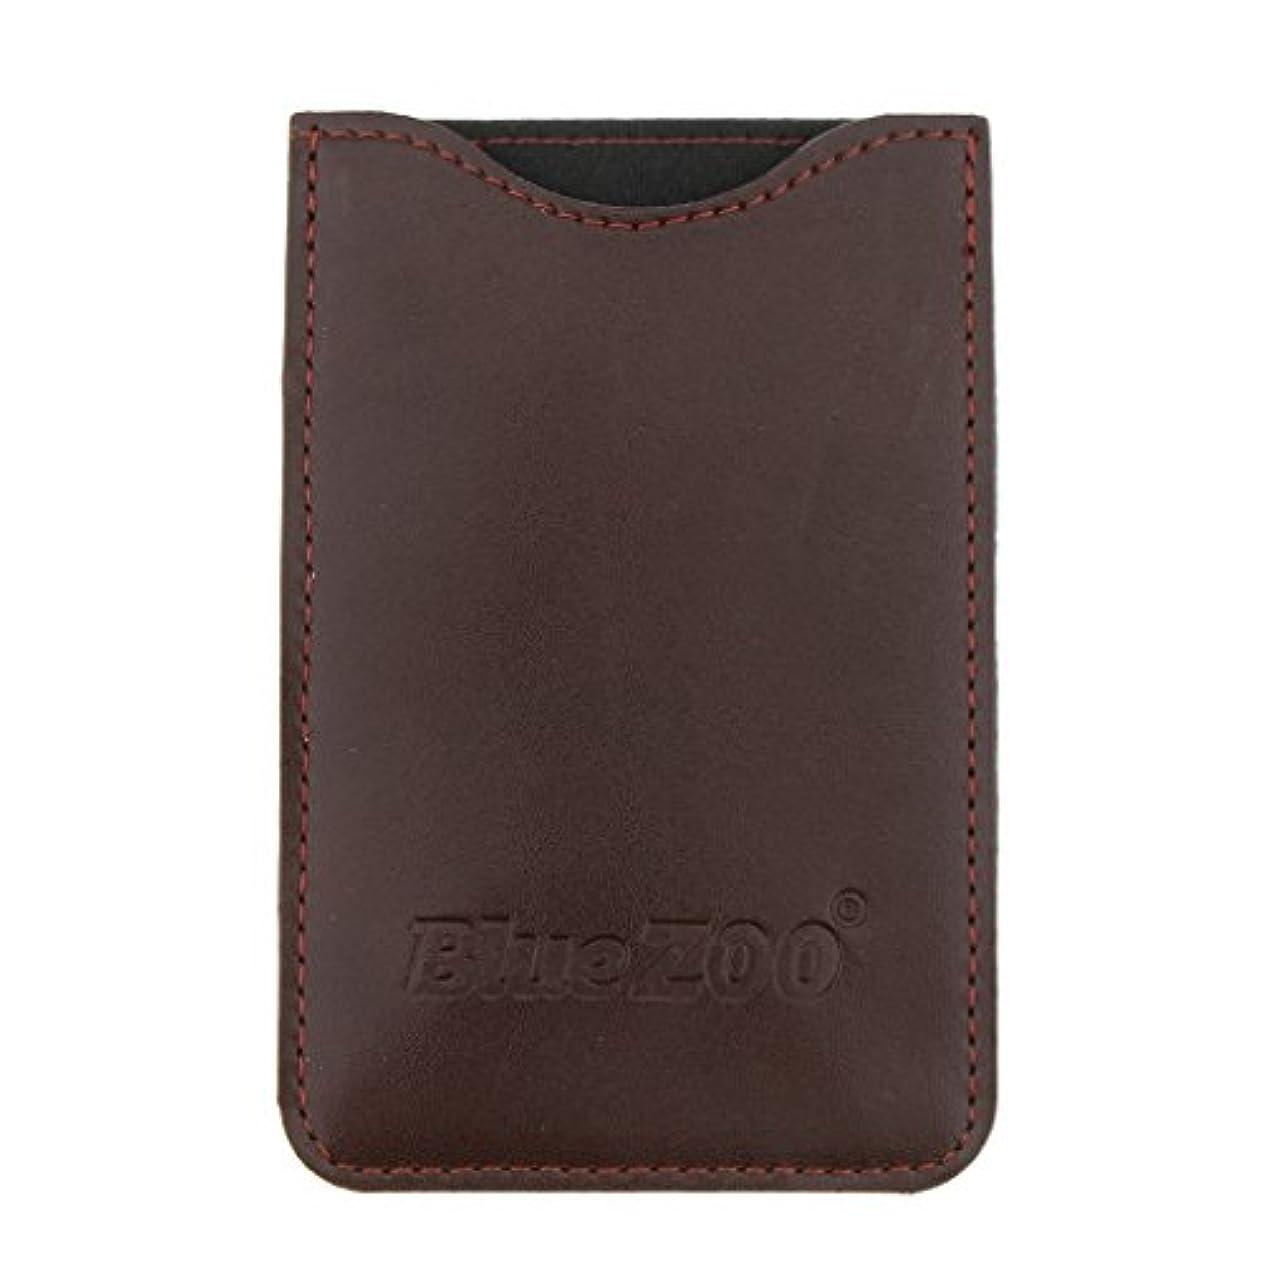 決して船外印象派Kesoto コームバッグ 収納ケース 収納パック 保護カバー PUレザー 櫛/ヘアブラシ/名刺/IDカード/銀行カード バッグ オーガナイザー 全2色  - 褐色